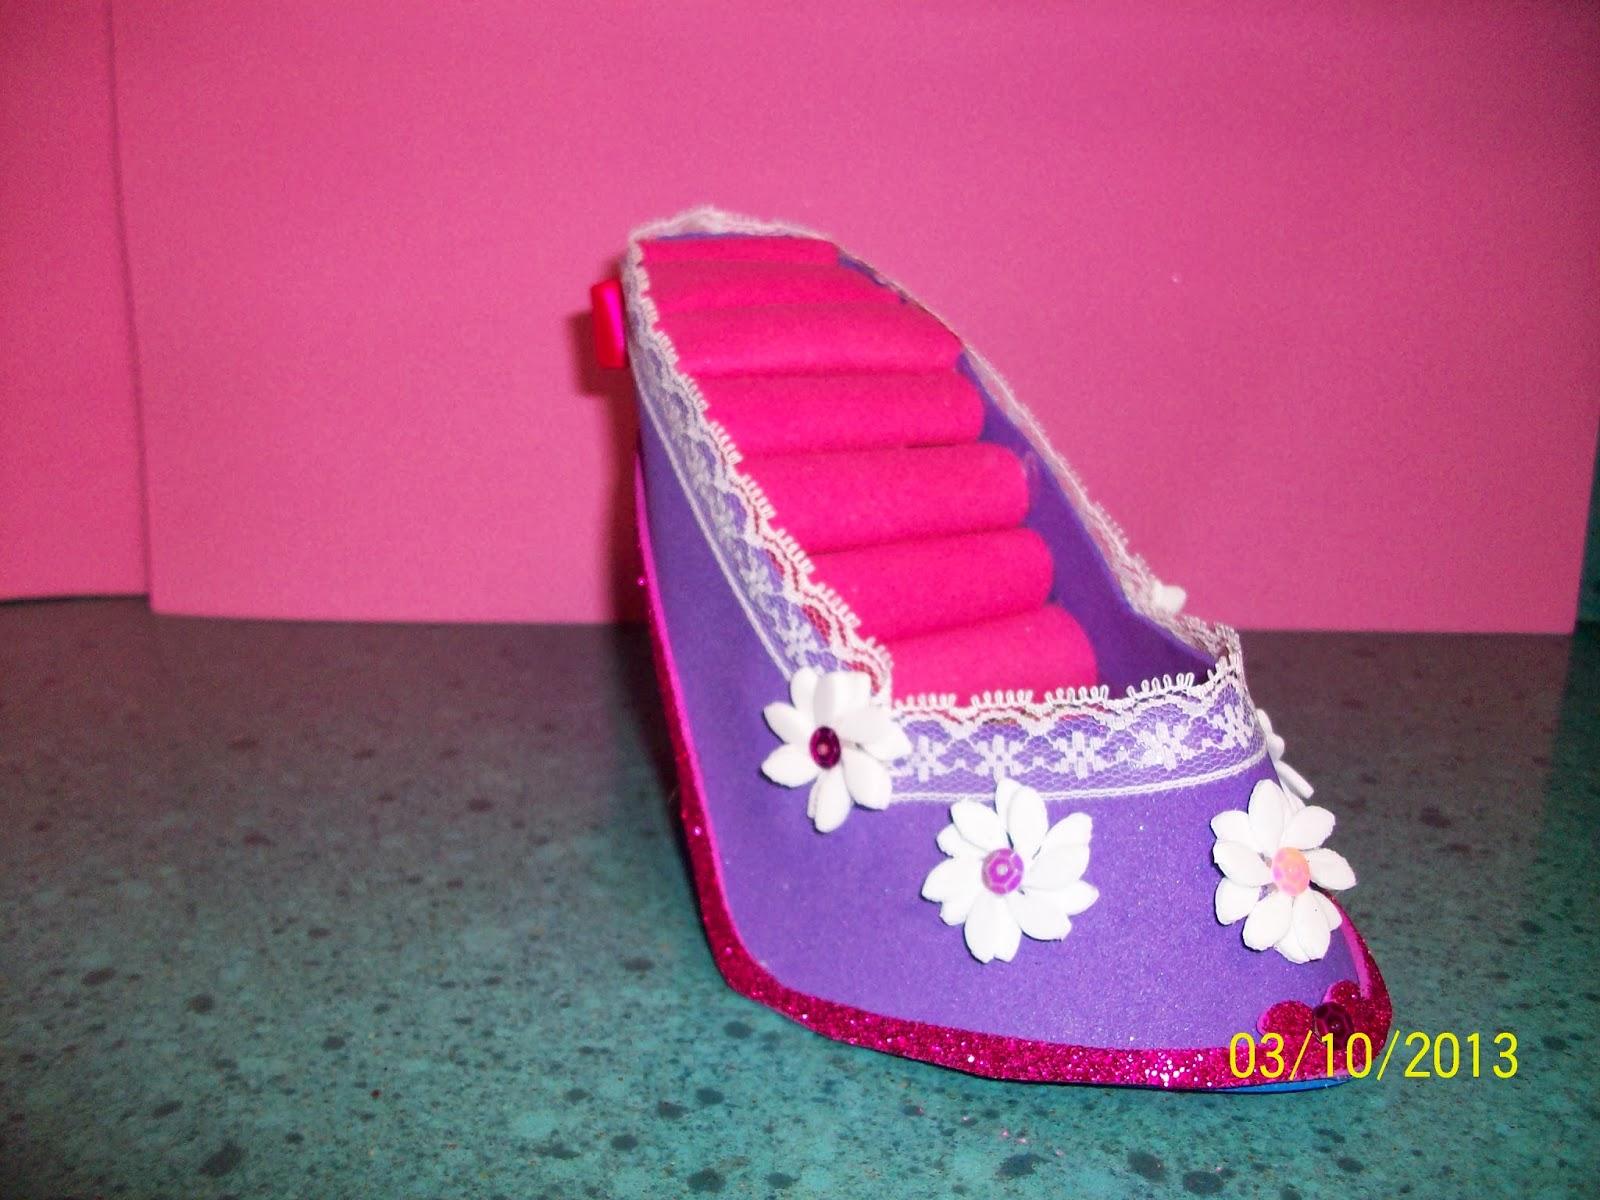 El zapato joyero sale por 10 Euros y es un regalo muy original .